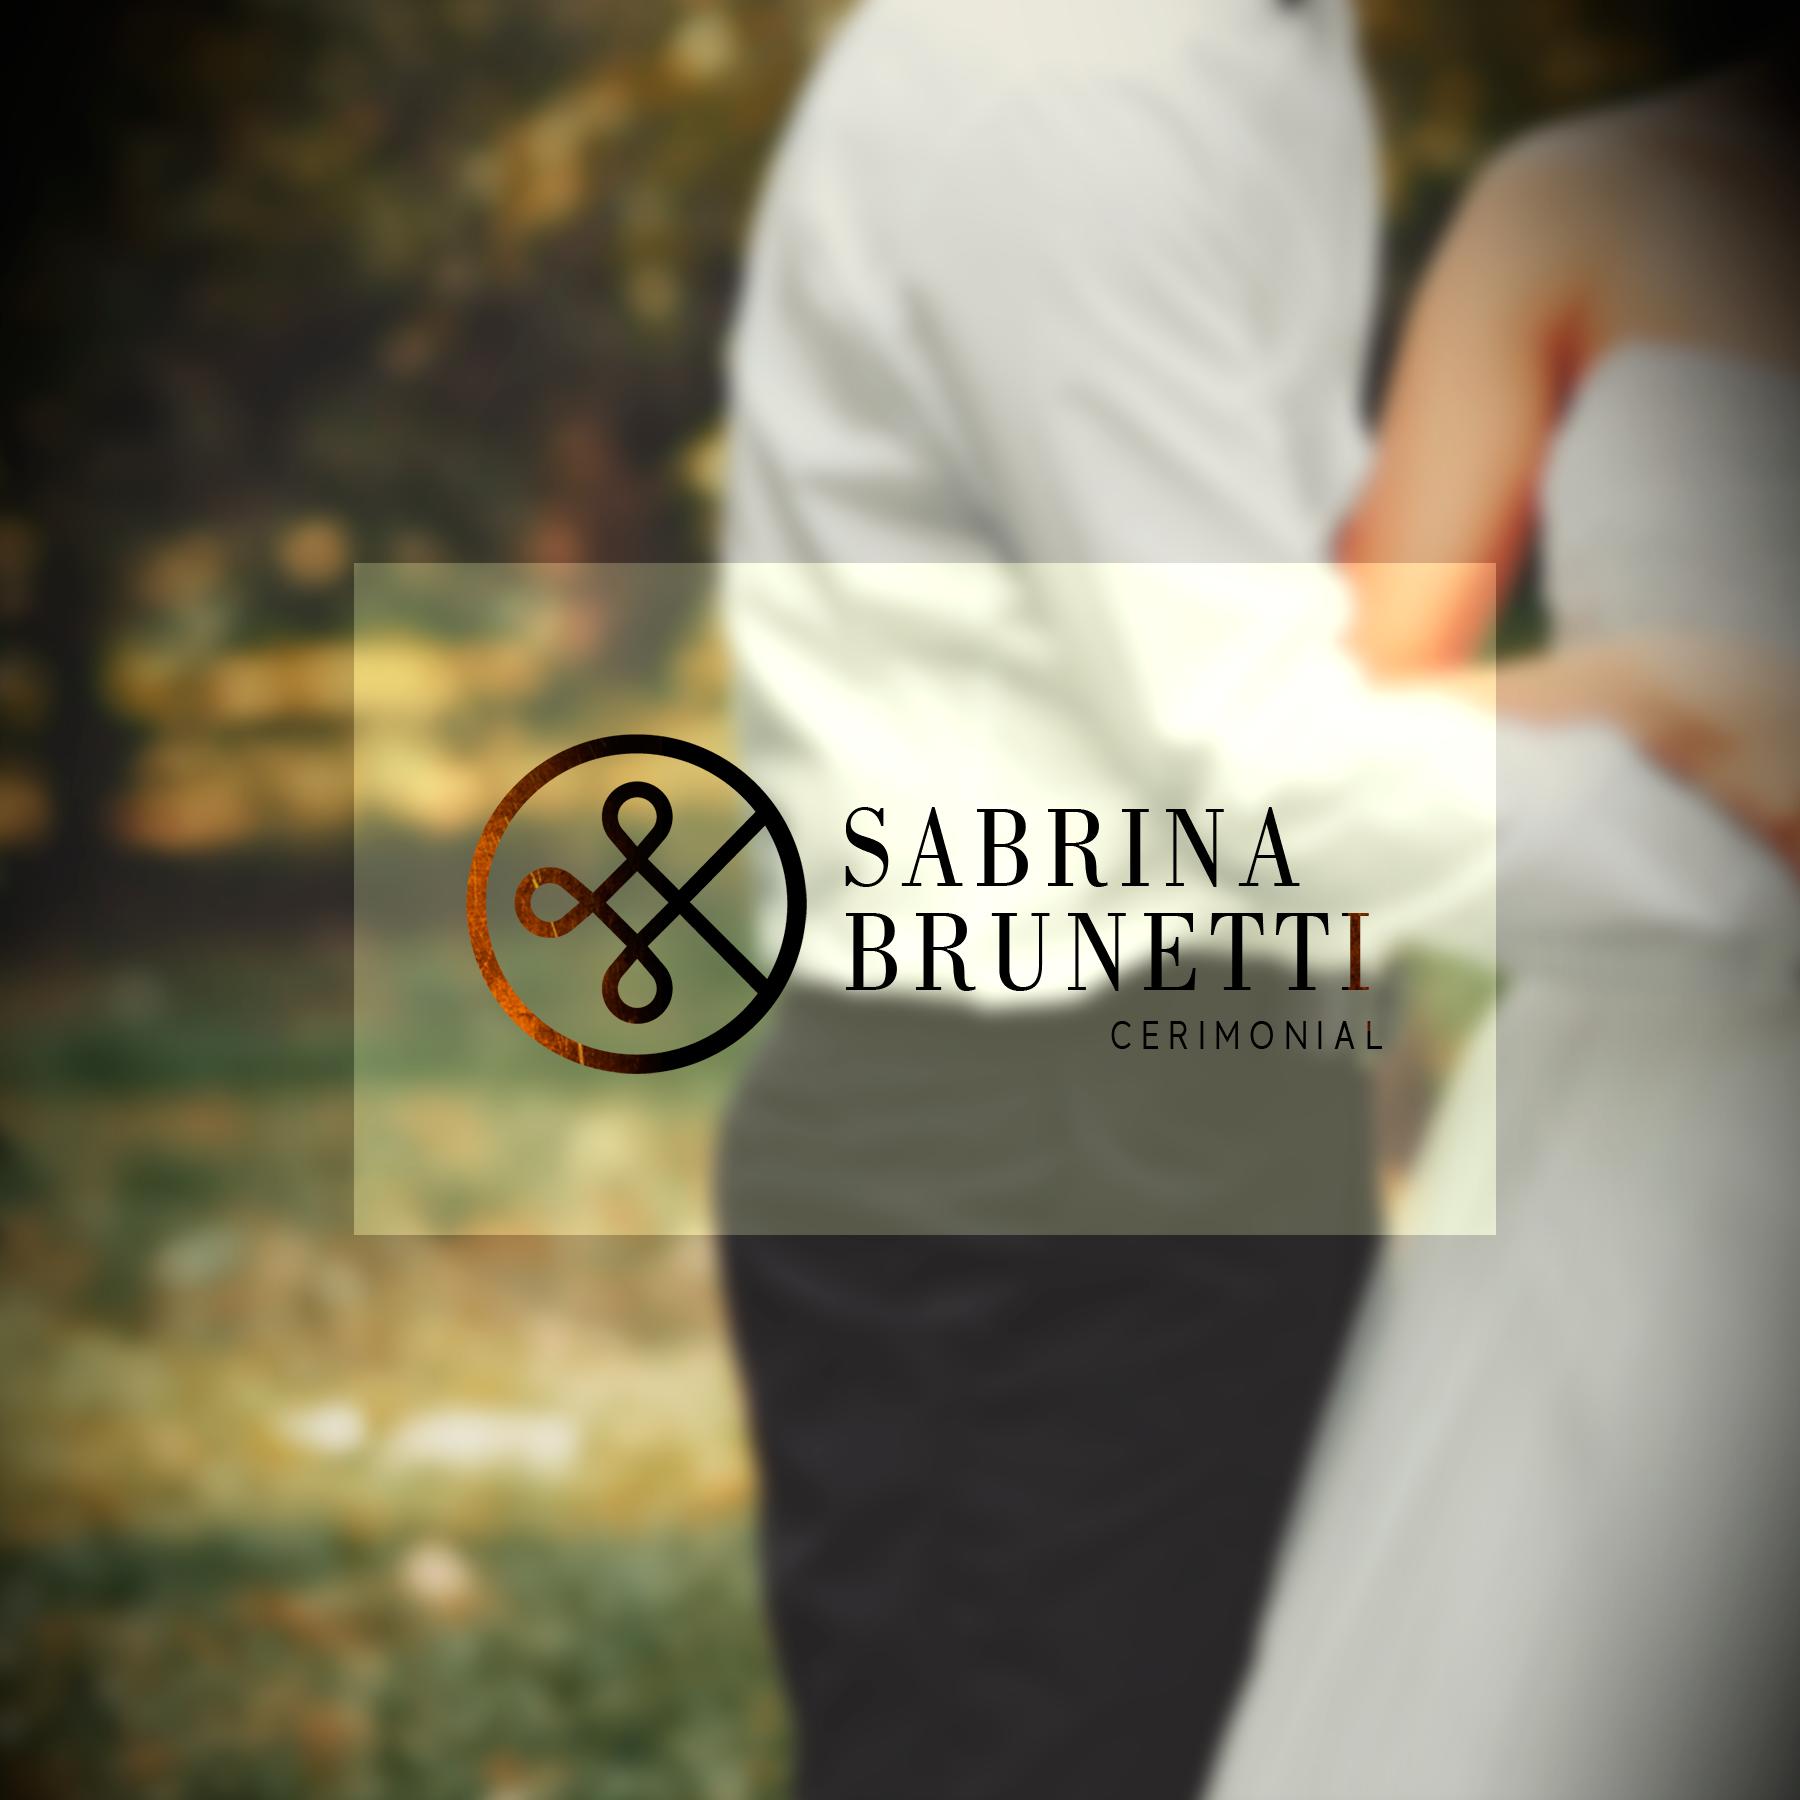 bce2eb31199469.5645493a8a886 - Sabrina Brunetti